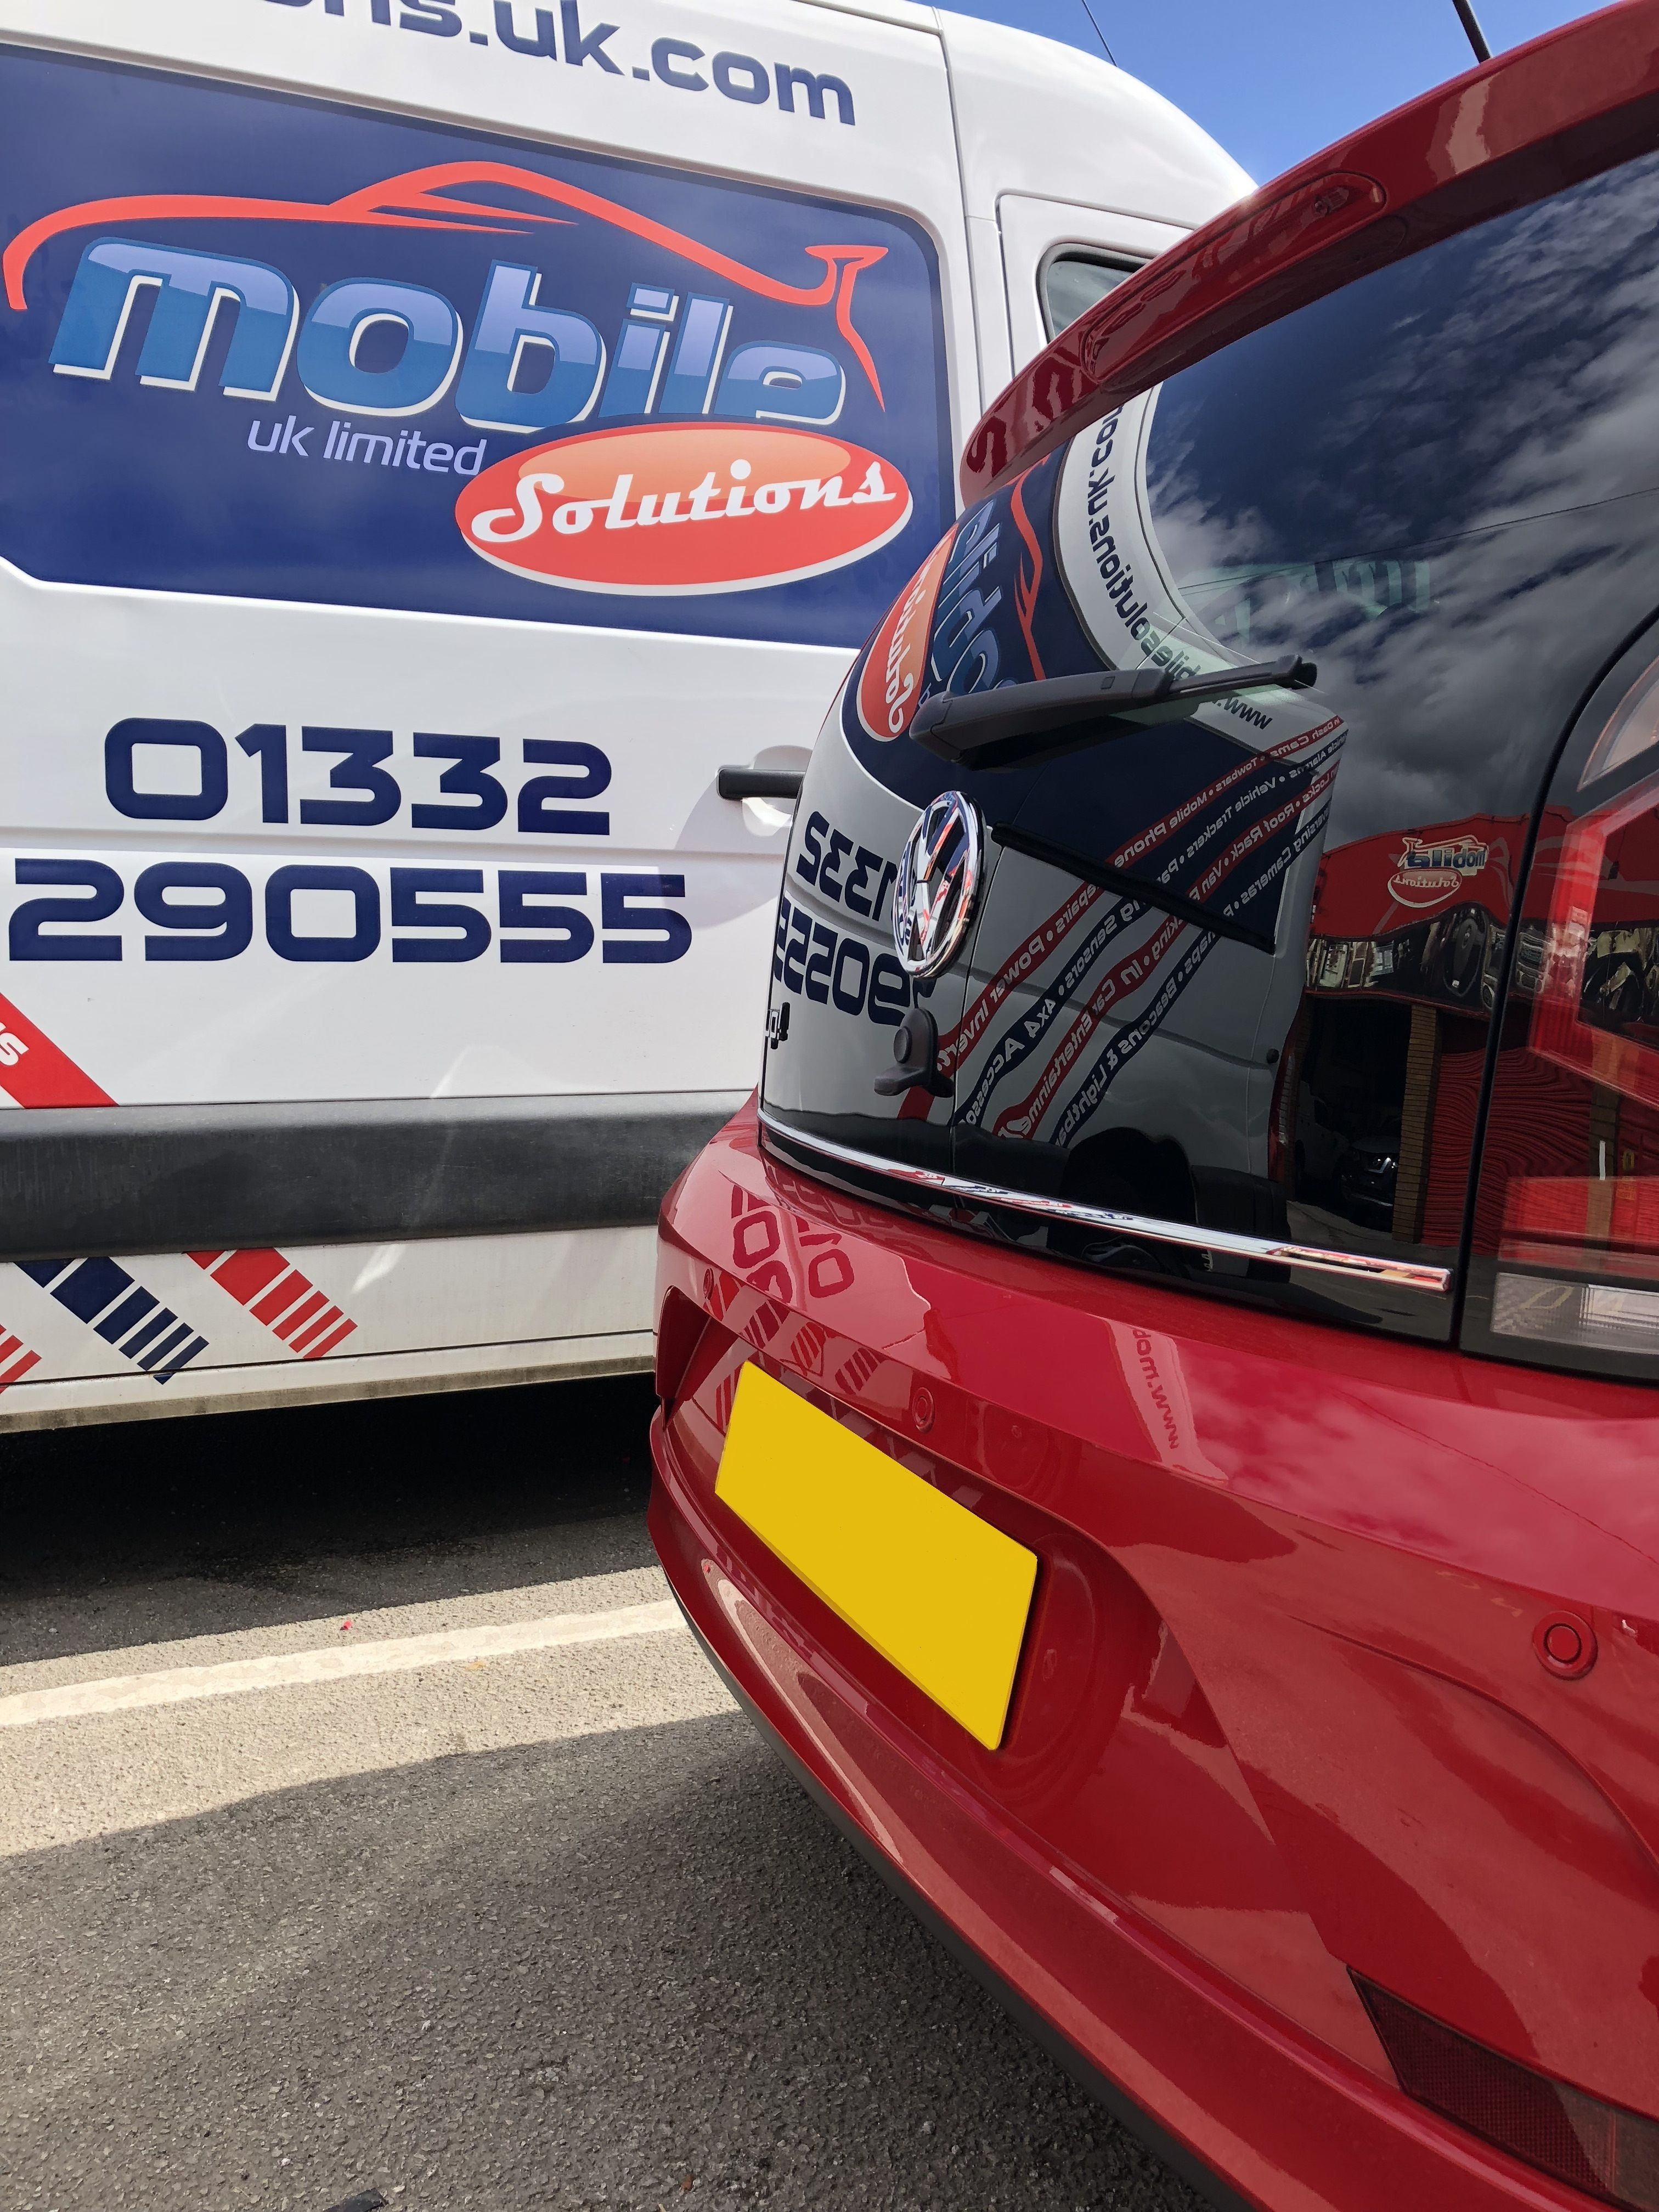 Vw Up Standard Rear Parking Sensors Derby East Midlands Vw Up Sensor Mobile Solutions